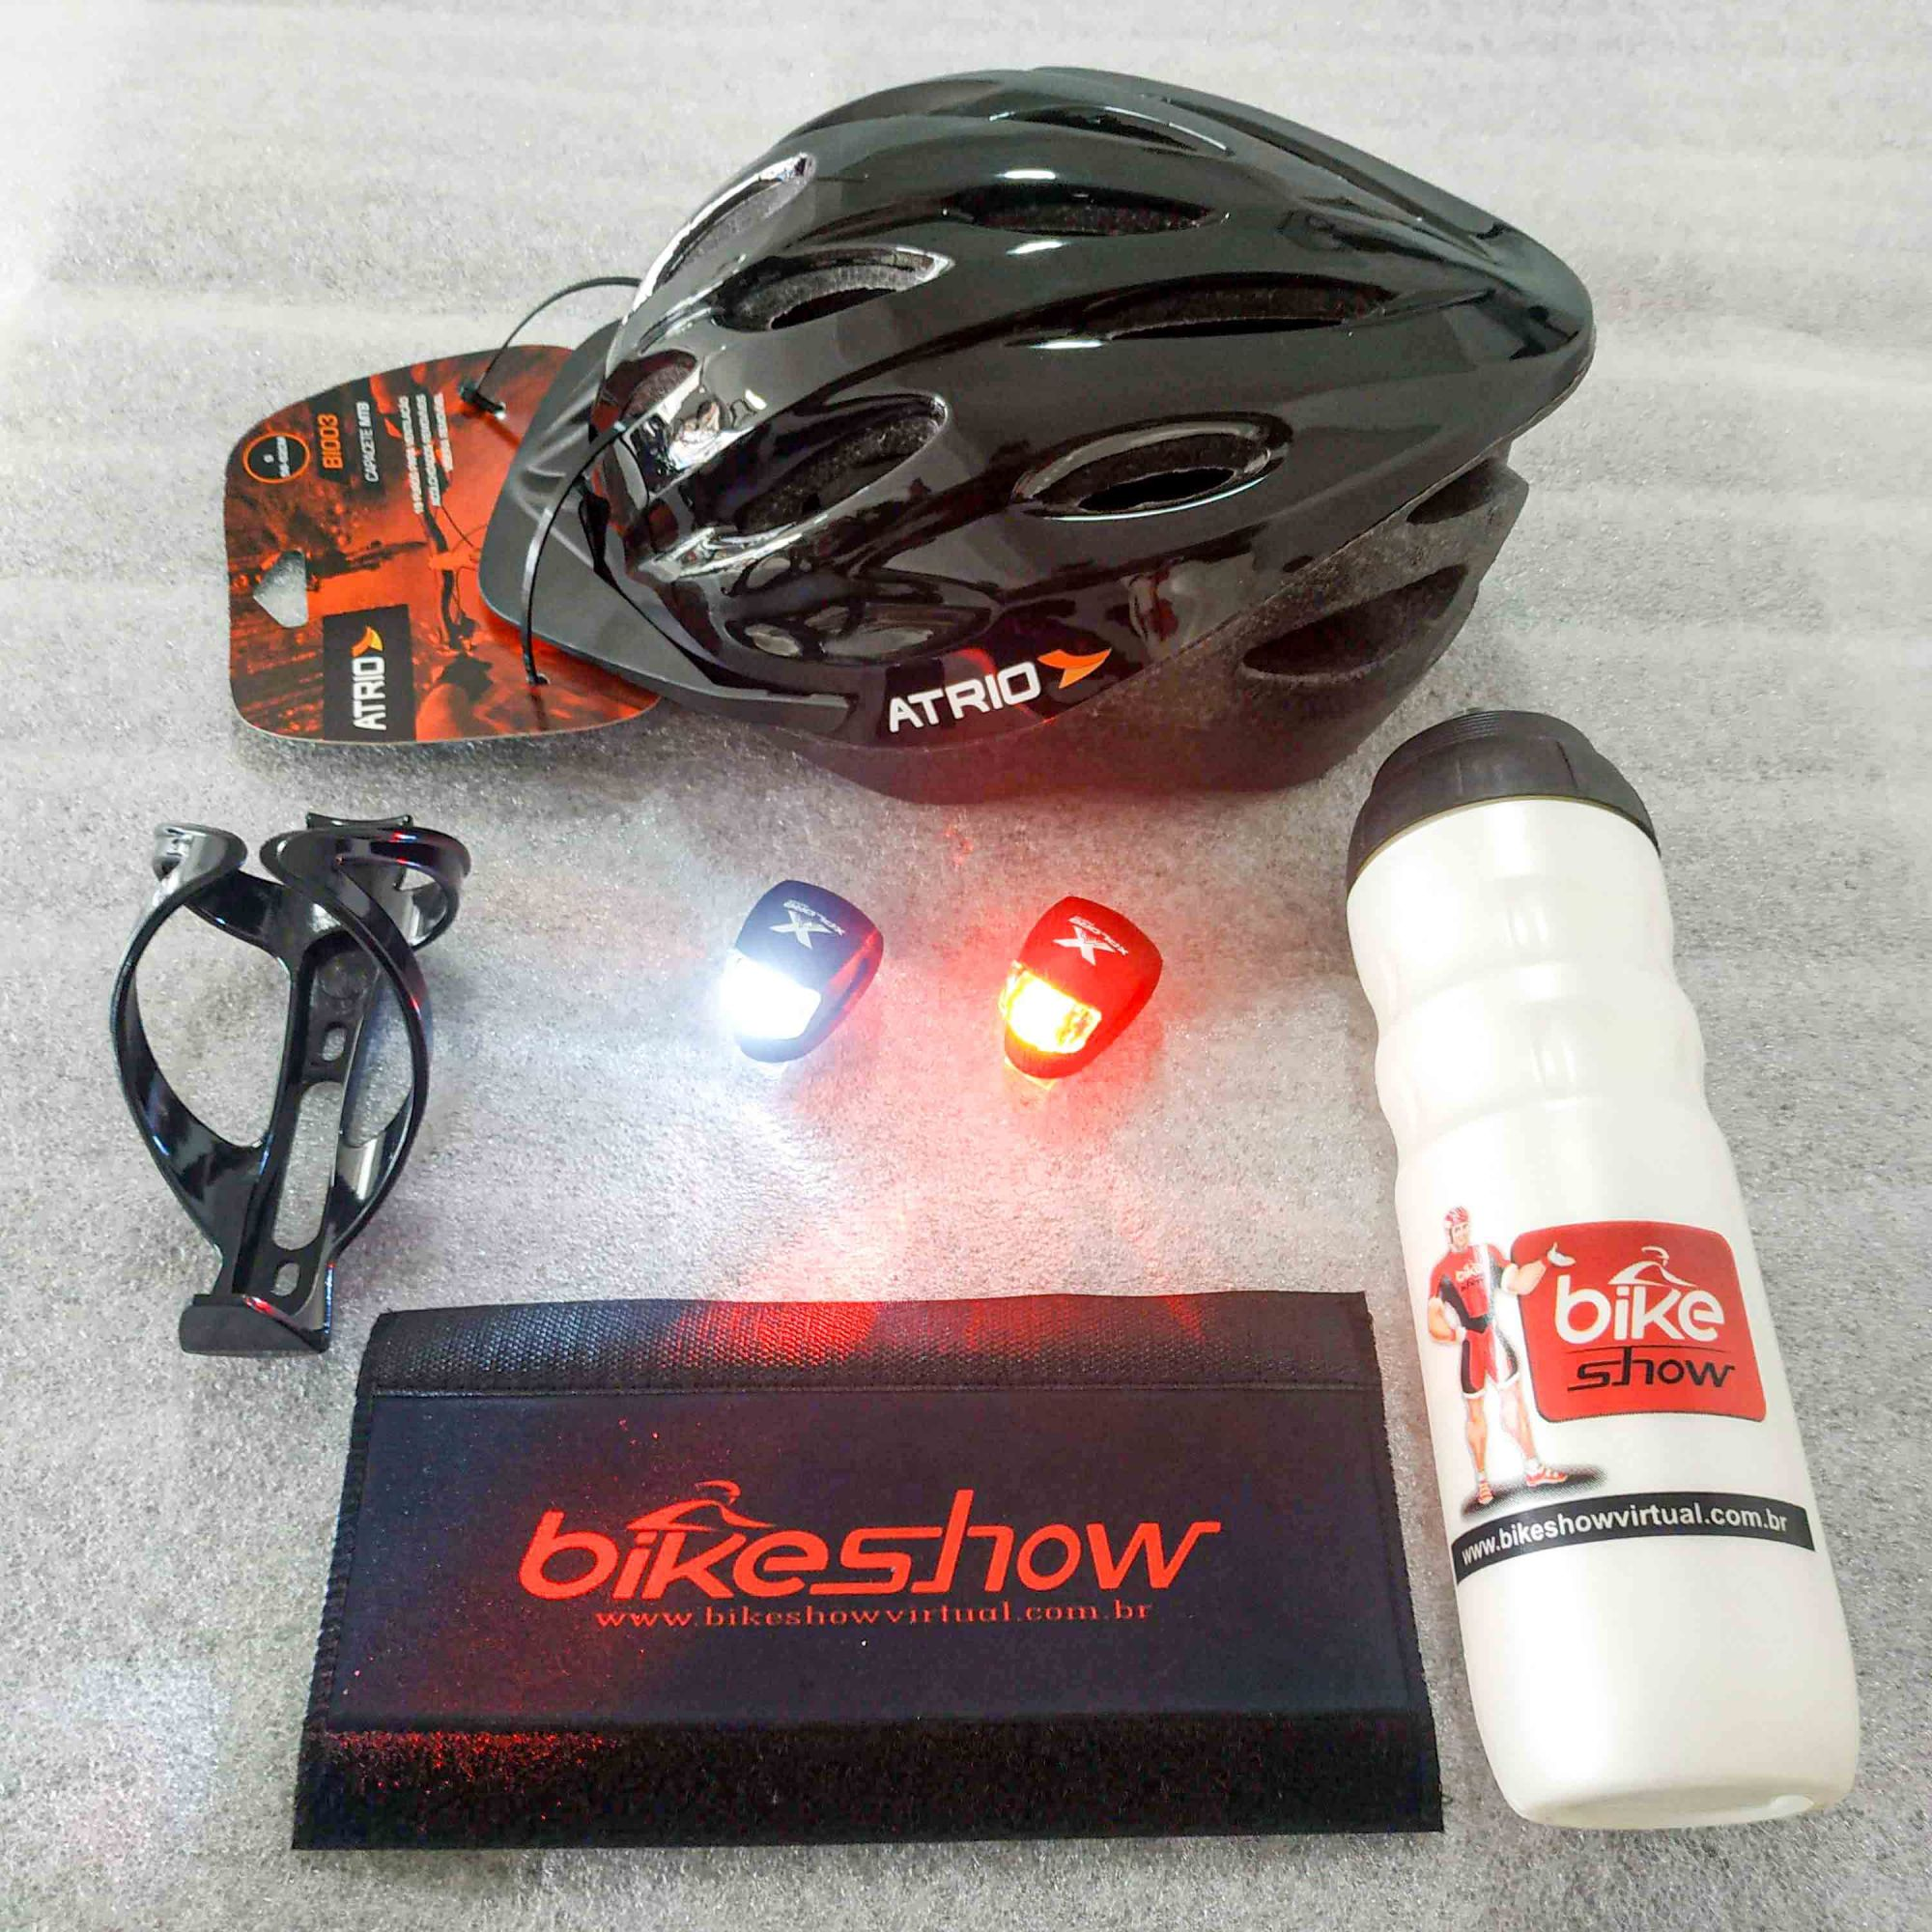 Bicicleta OGGI Cattura Sport aro 29 - 20V Shimano Deore - Freio Shimano Hidráulico - Suspensão Manitou - Vermelha